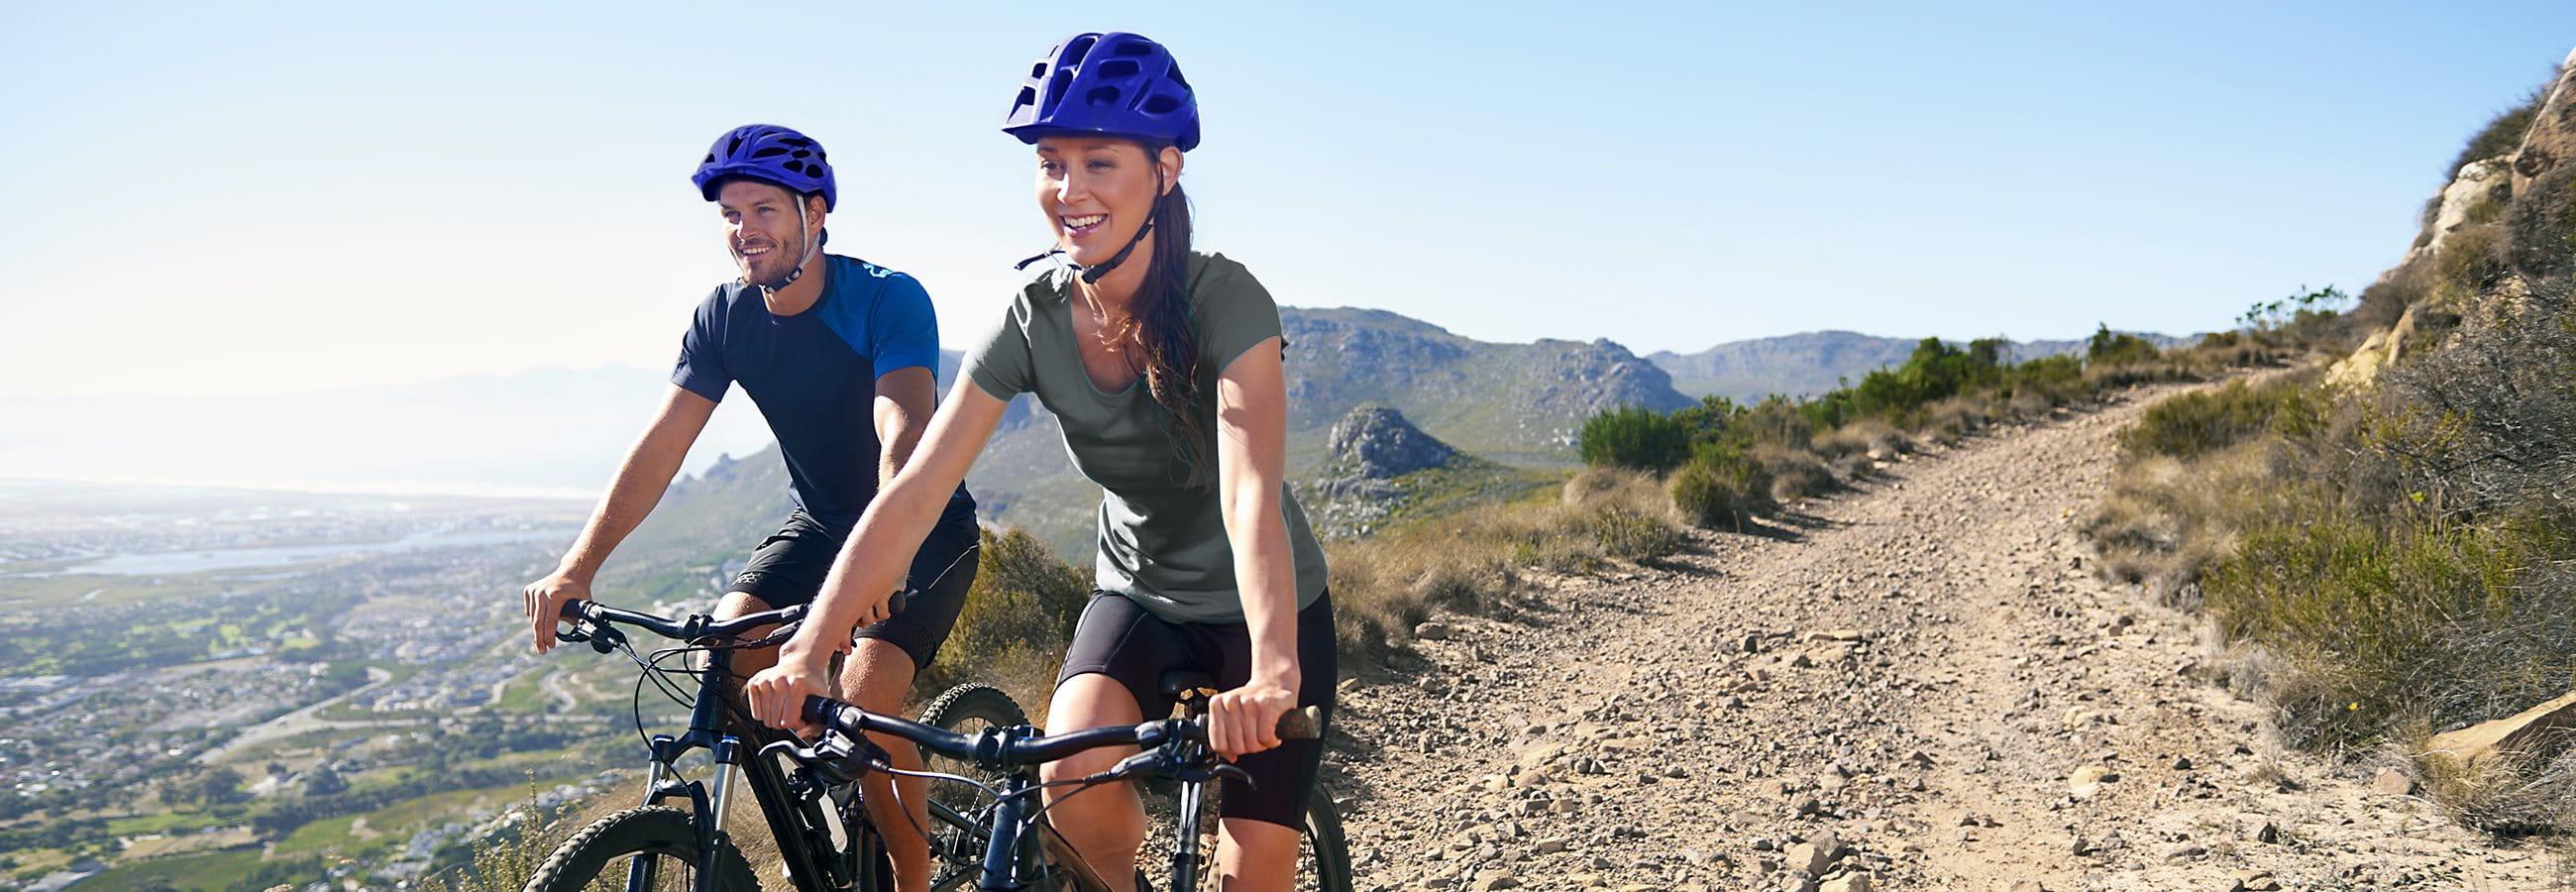 Mountainbiken Paar Spass